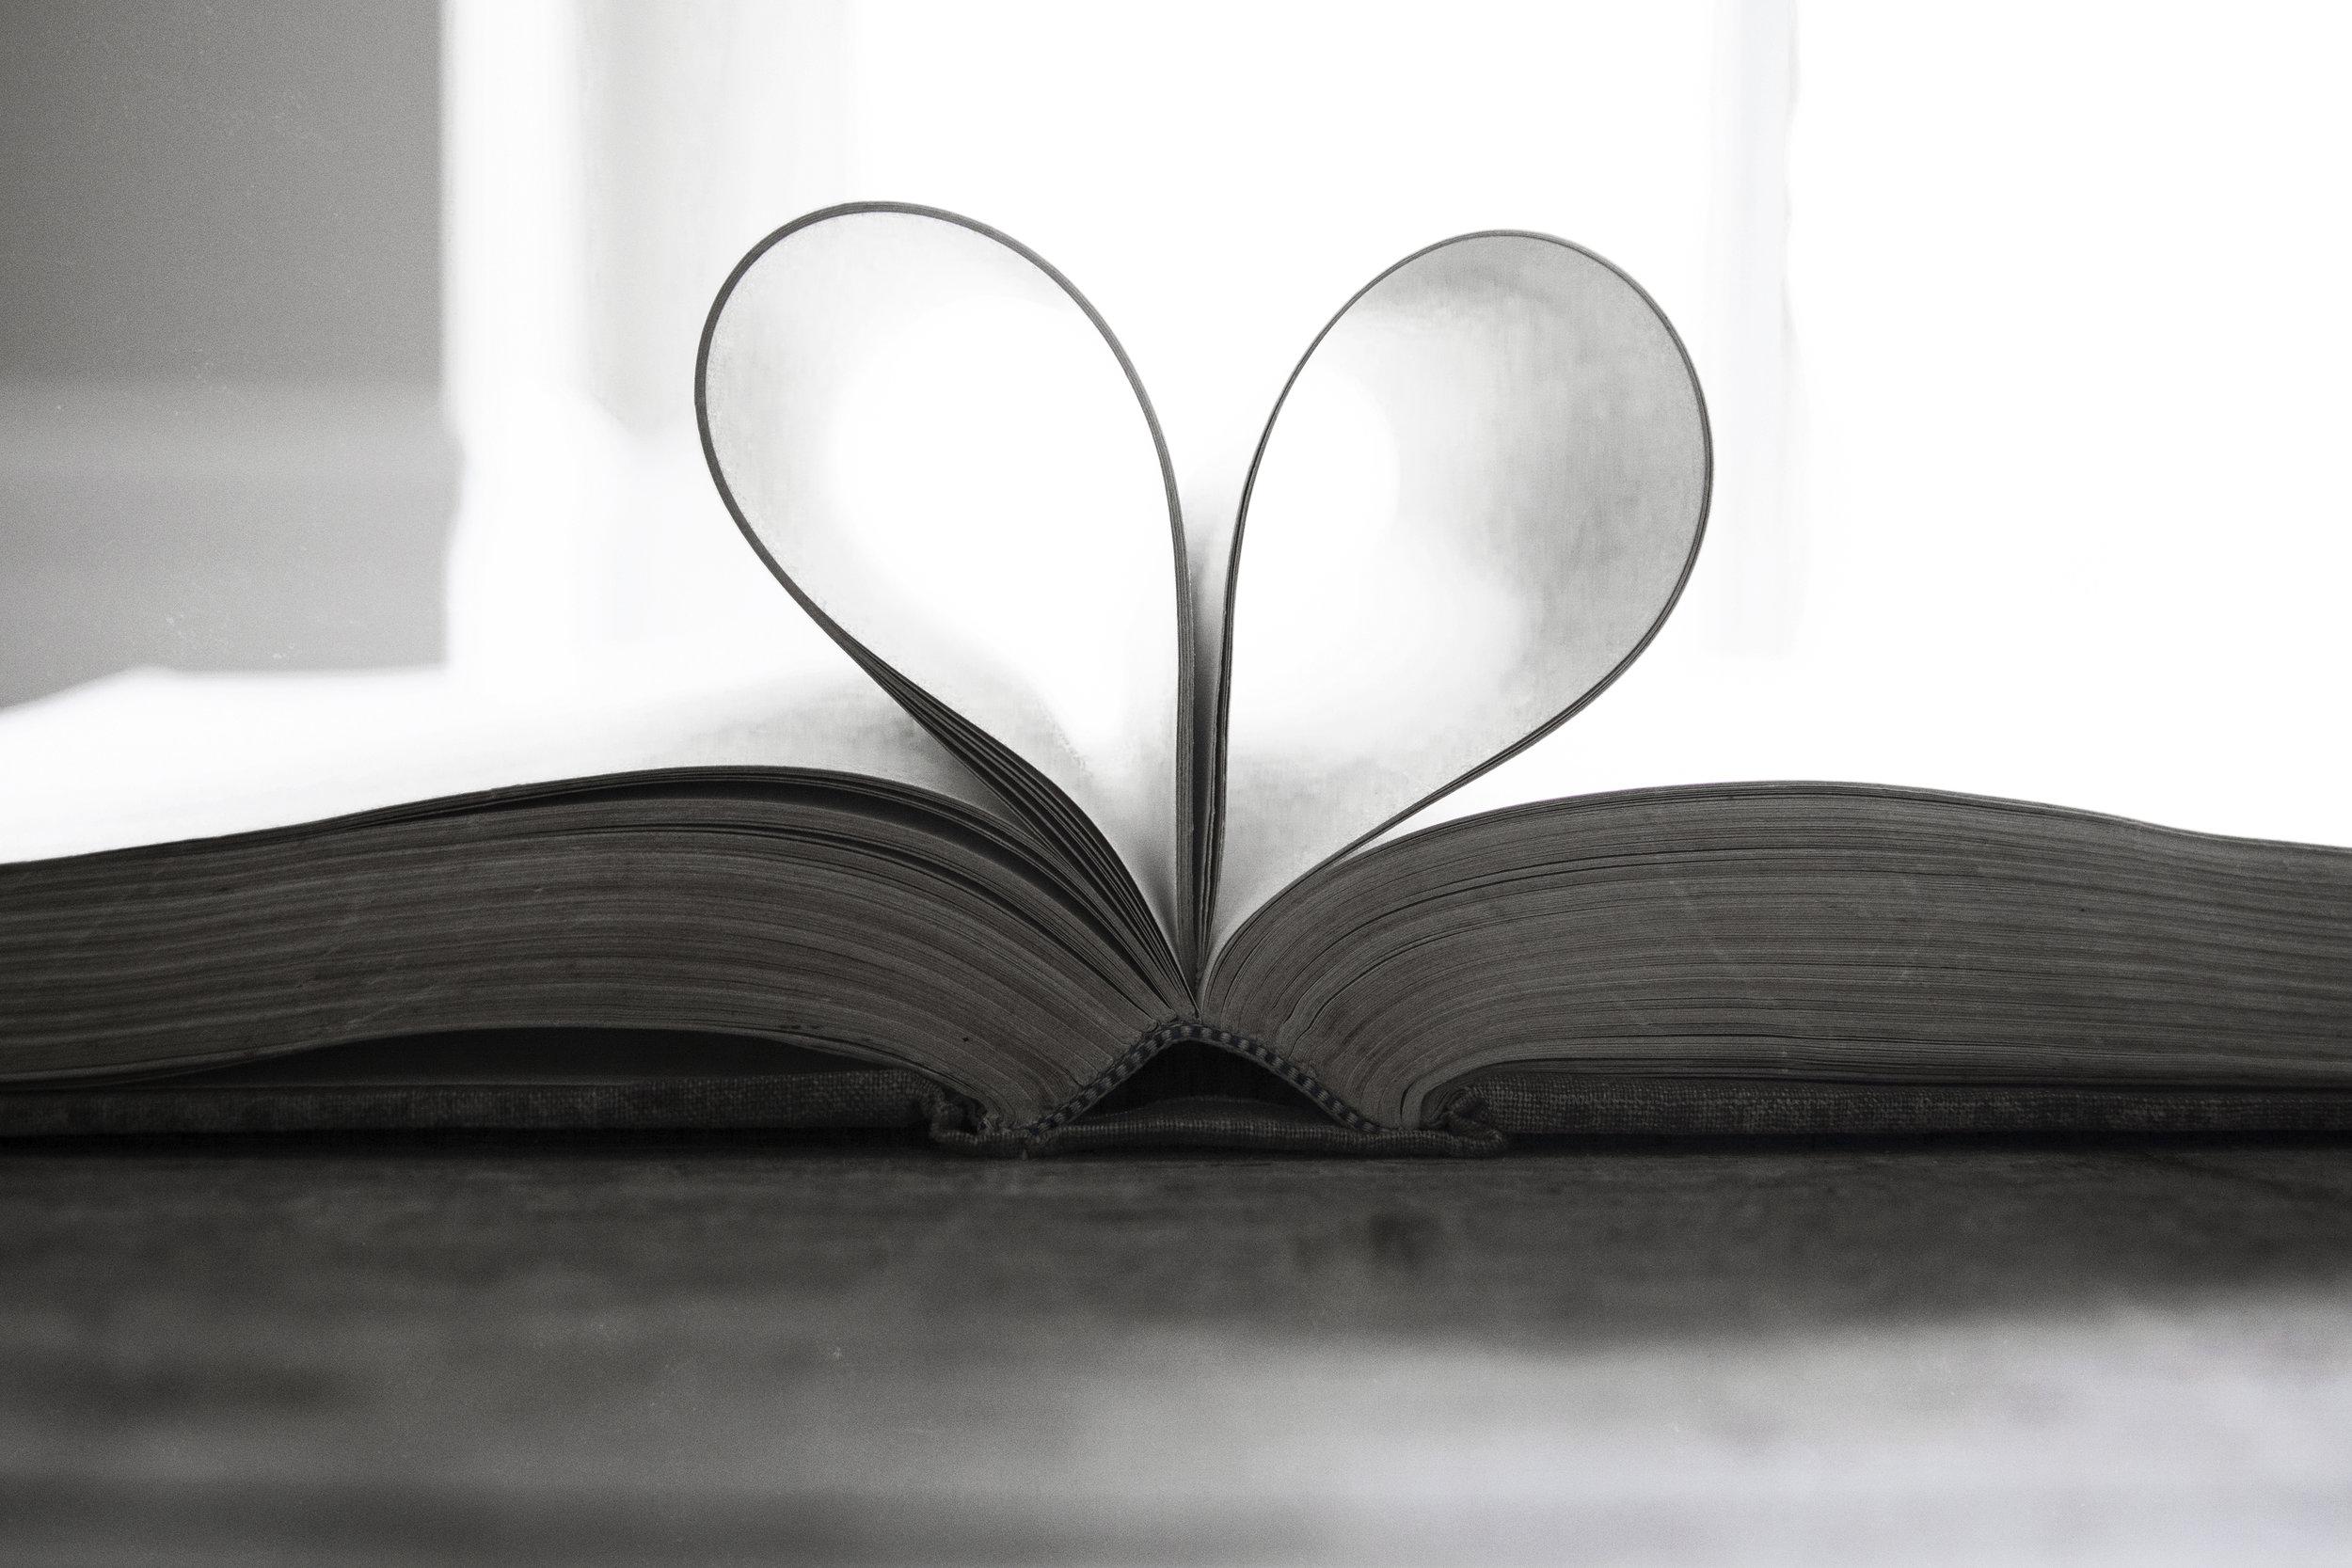 31253_Bible_Heart.jpg